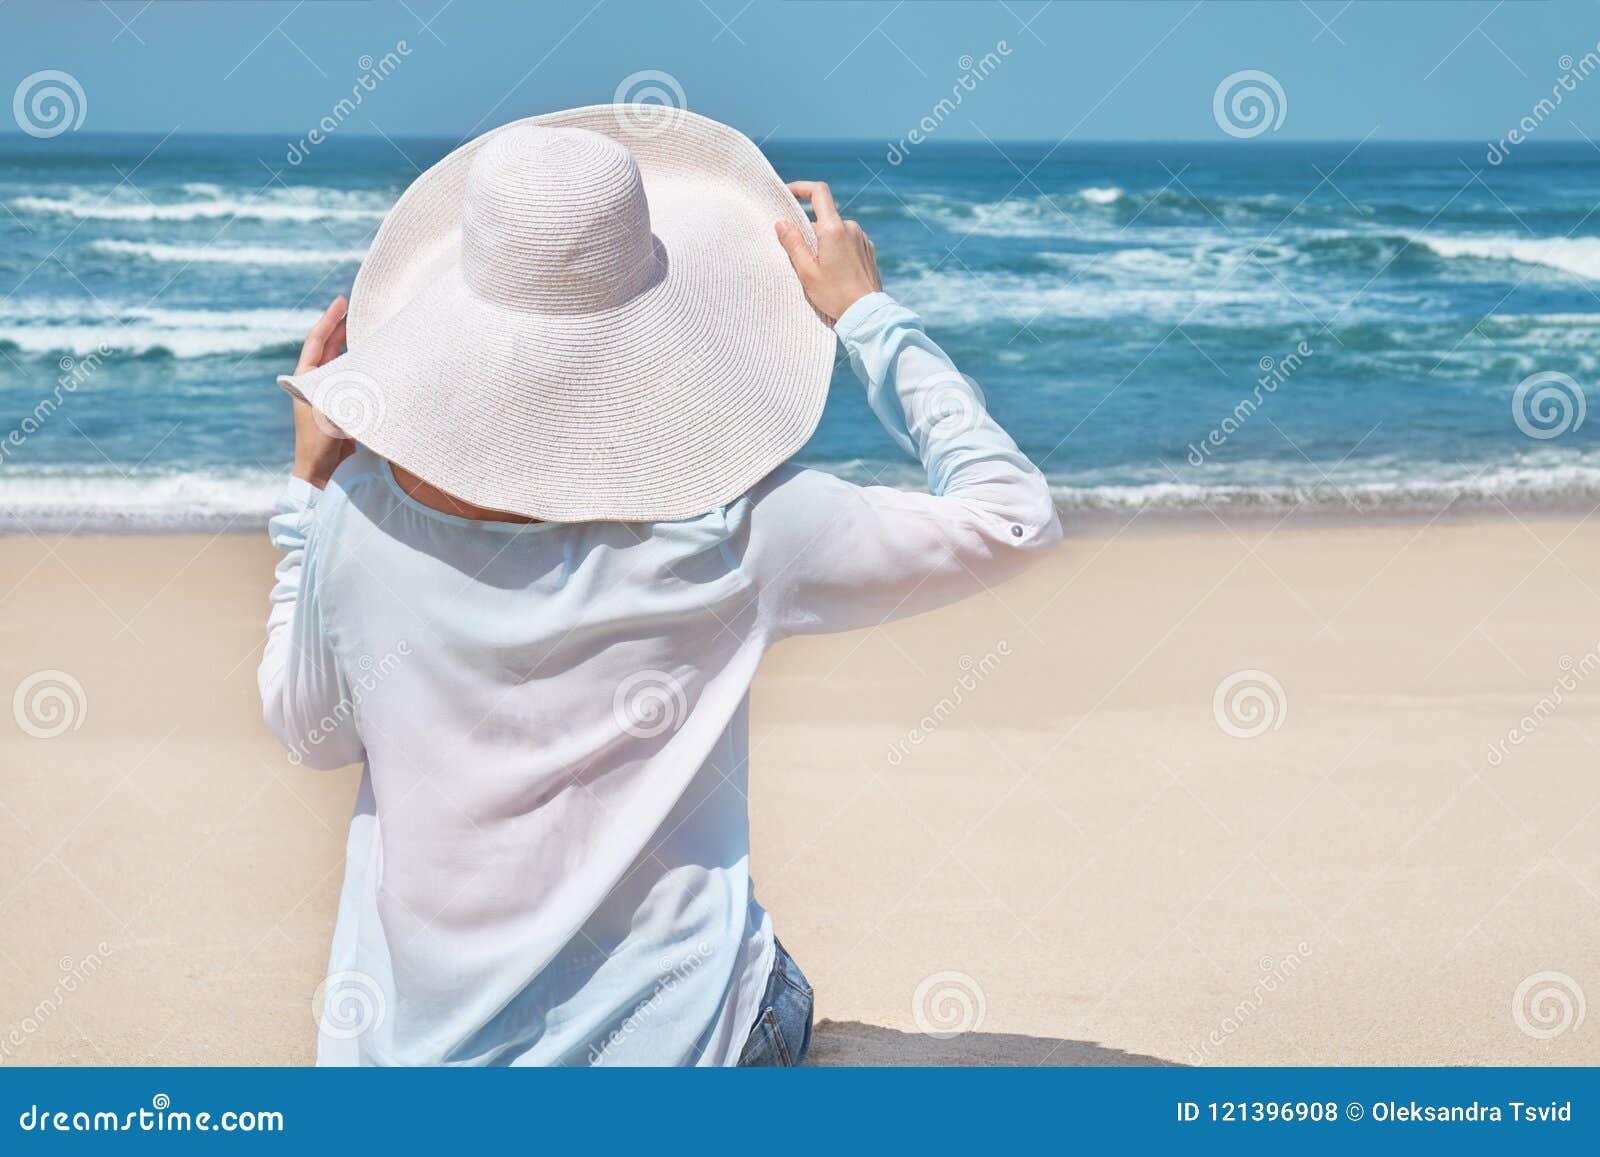 Concepto de la playa del verano Mujer en sombrero grande en la playa idílica Arena blanca, cielo azul y mar del cristal